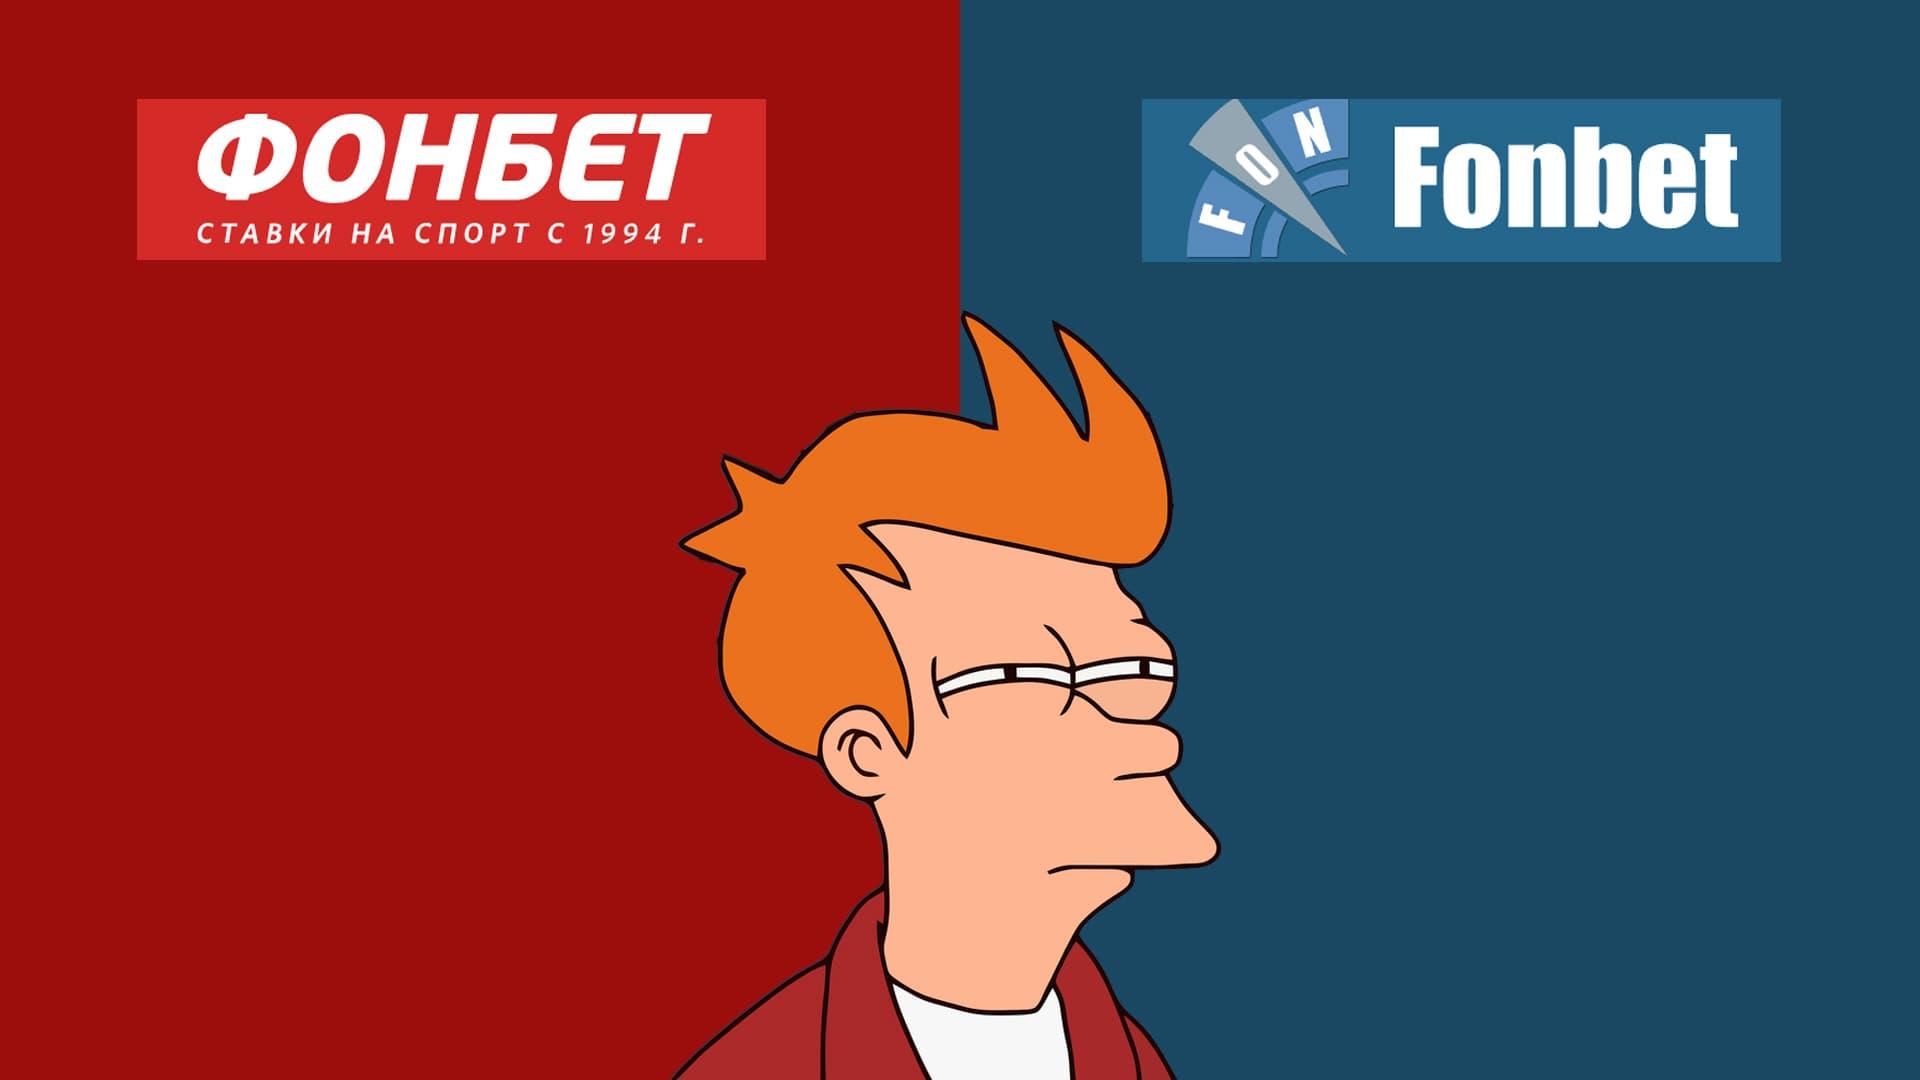 Фонбет и Fonbet.com: в чем разница